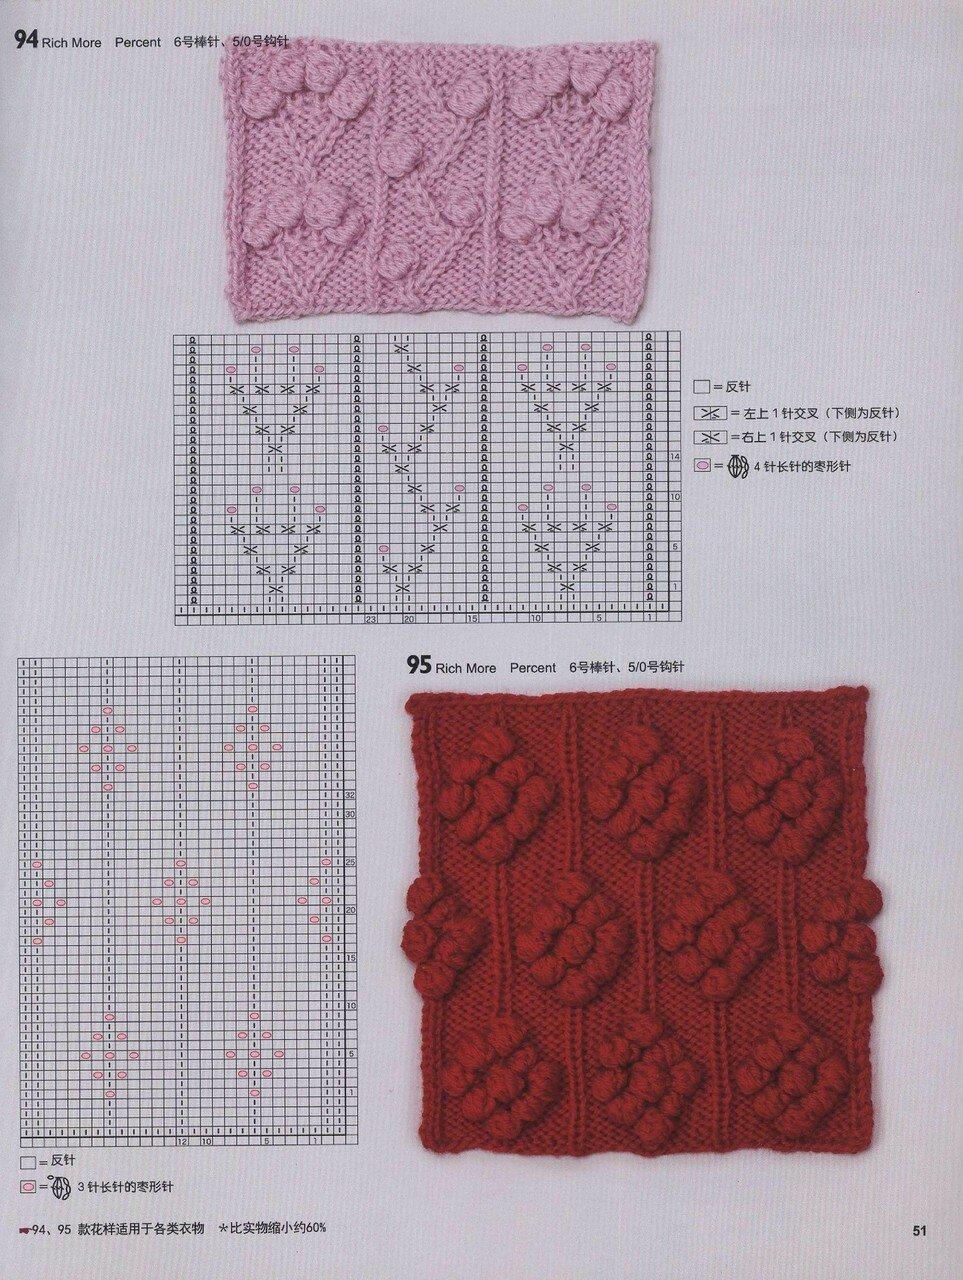 150 Knitting_53.jpg